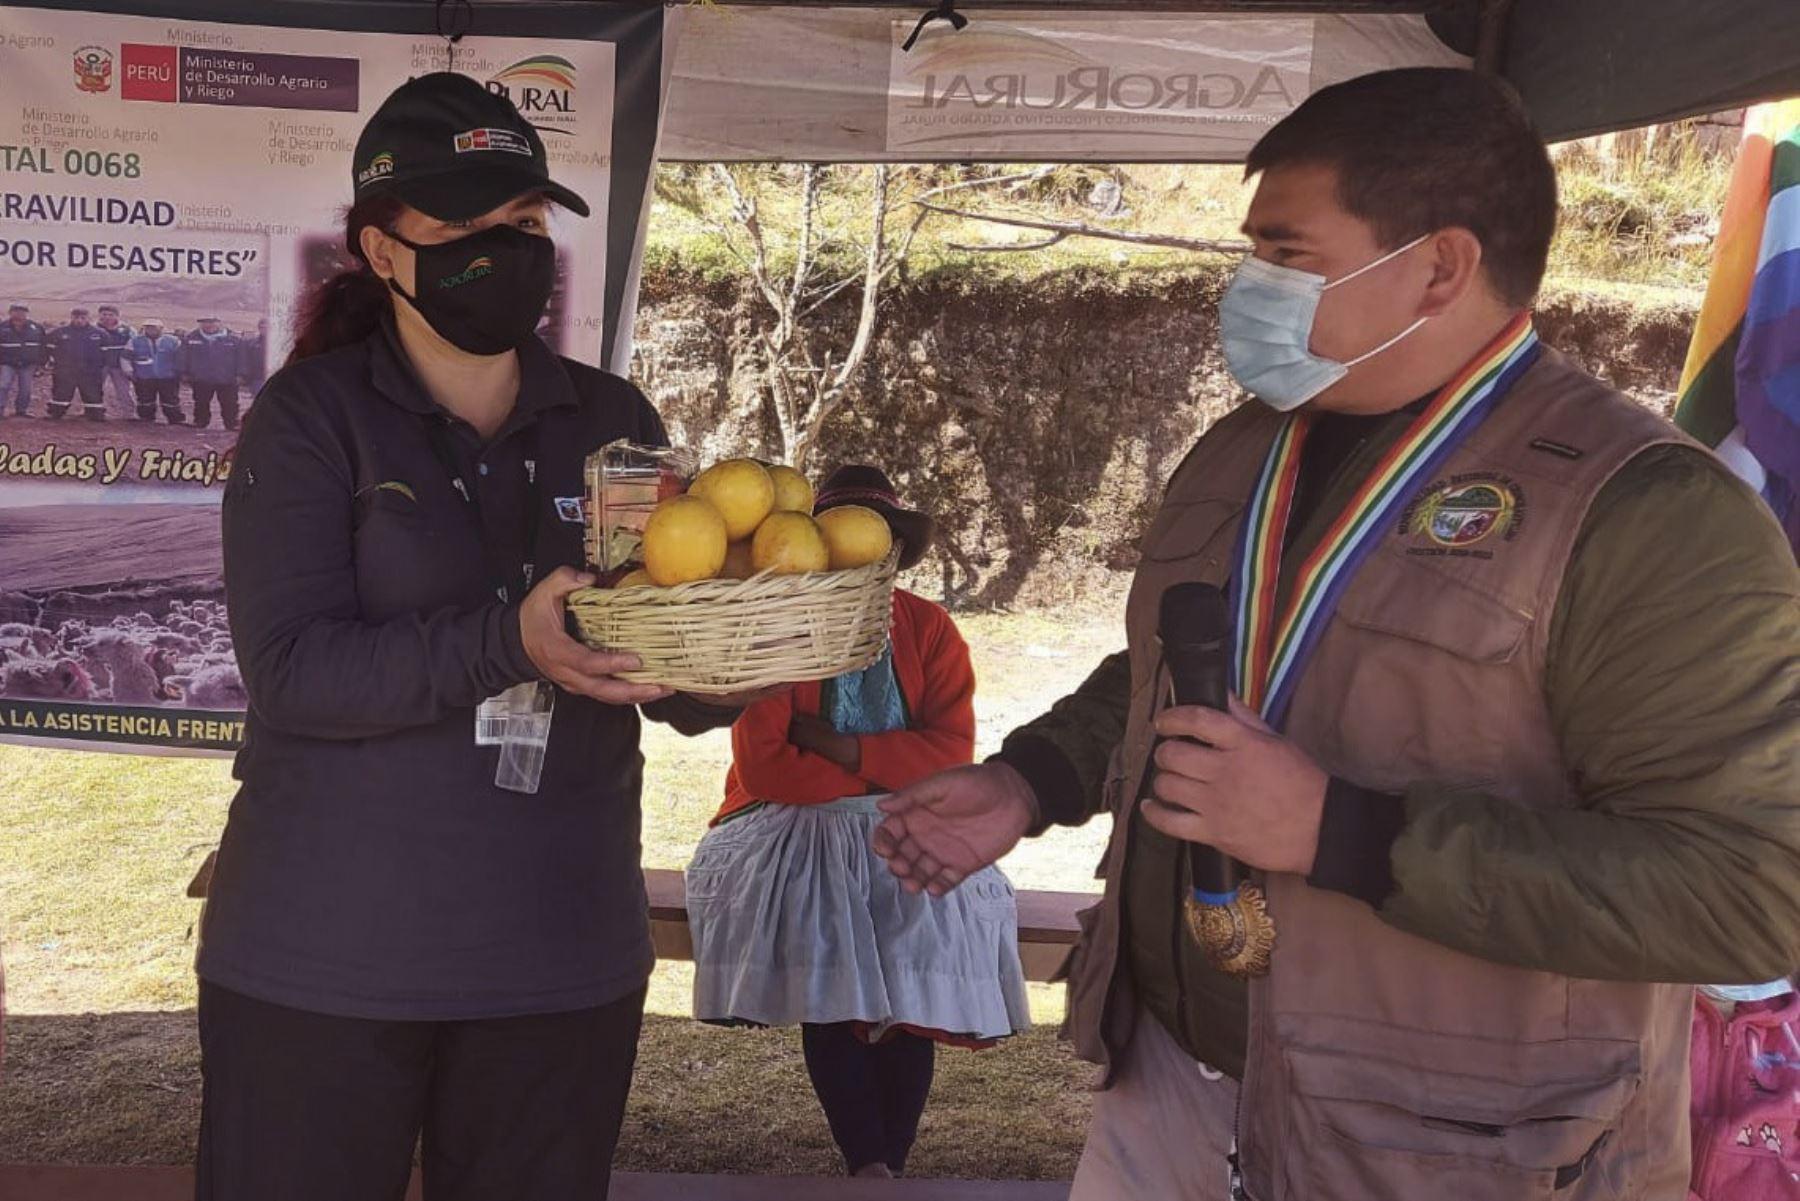 Productores agropecuarios de la Comunidad Campesina de Huambomayo, distrito Chinchaypucyo en Anta región Cusco, recibieron la visita de Roxana Orrego, directora ejecutiva de AgroRural, quien llegó hasta el lugar para supervisar las acciones ante heladas y friaje en esta región.  Foto: ANDINA/AgroRural